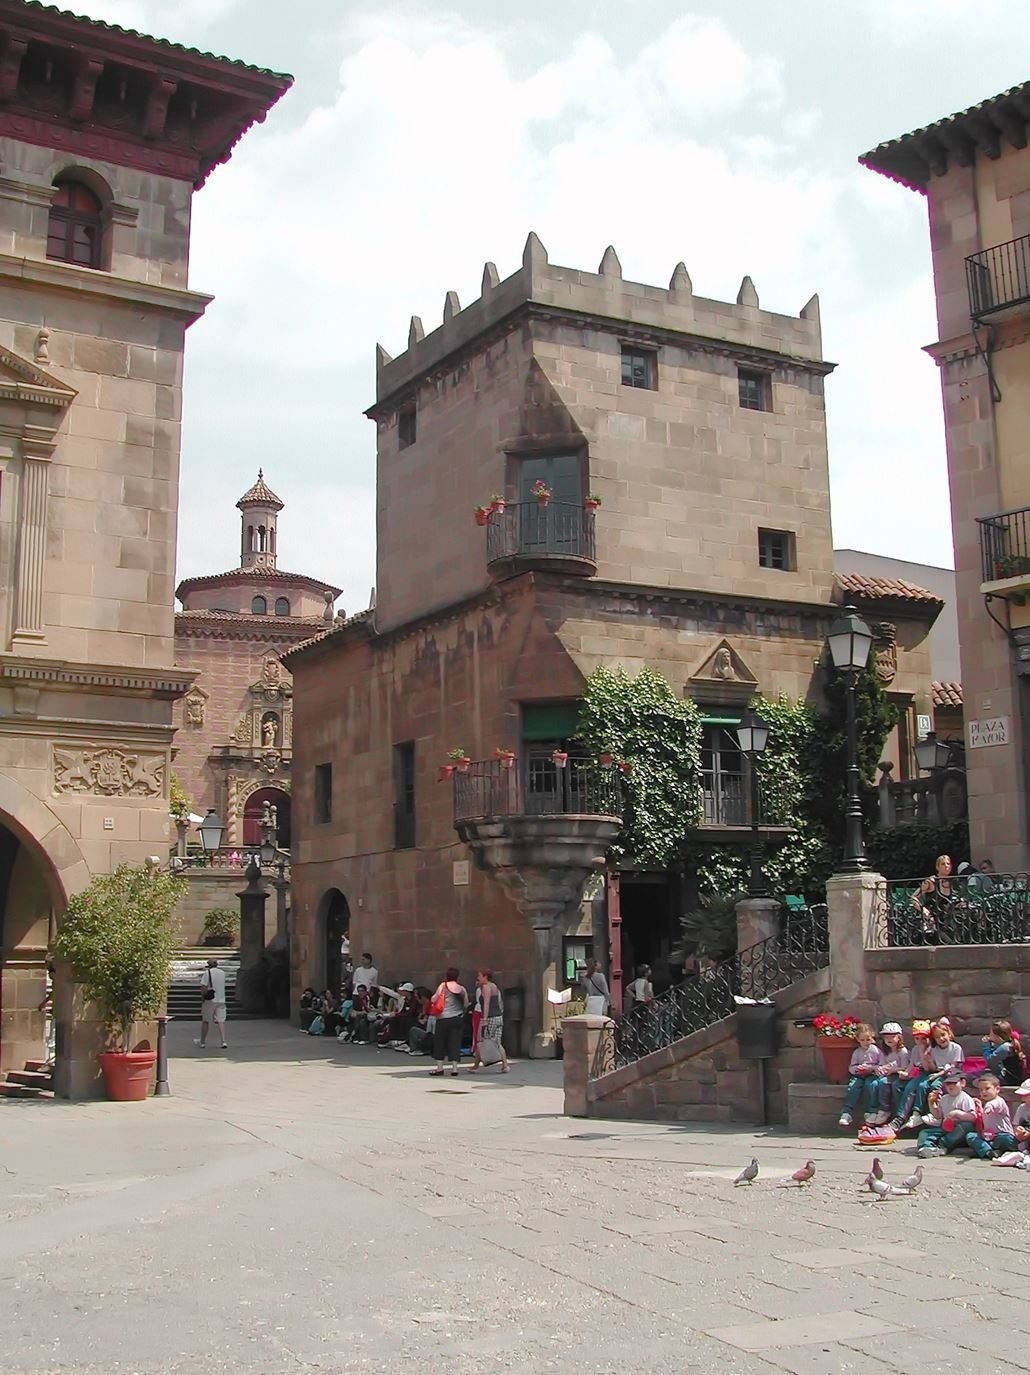 el-poble-espanyol-de-barcelona